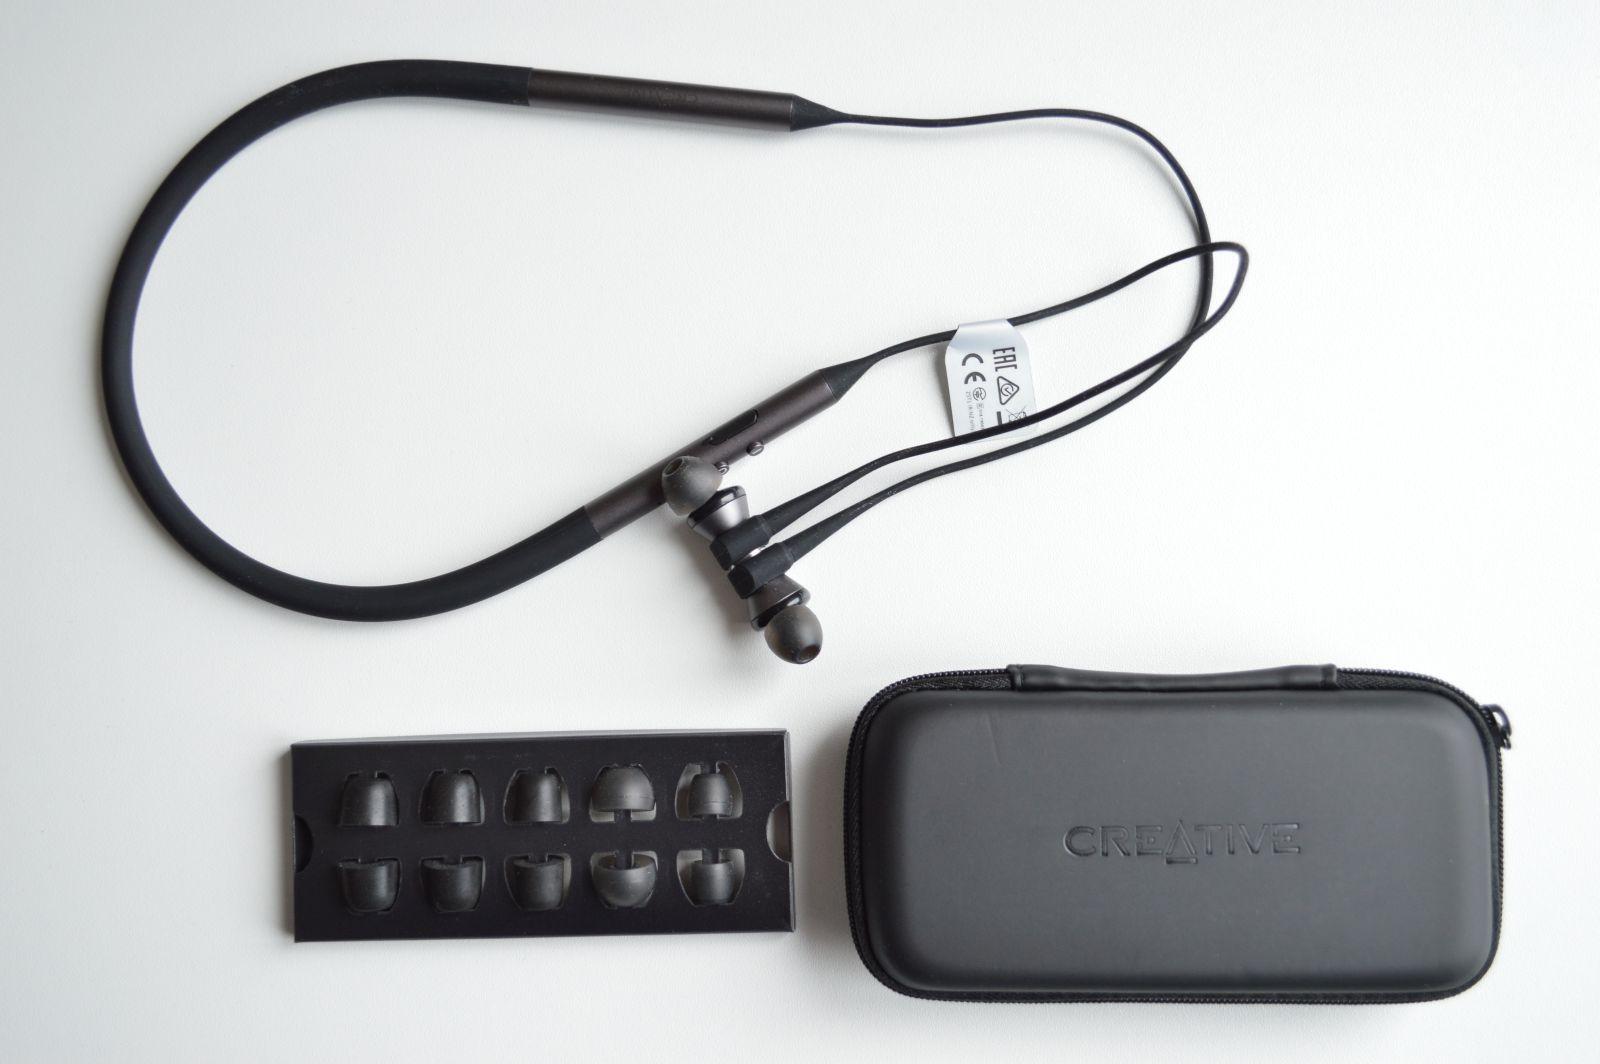 Creative Aurvana Trio Wireless комплектация